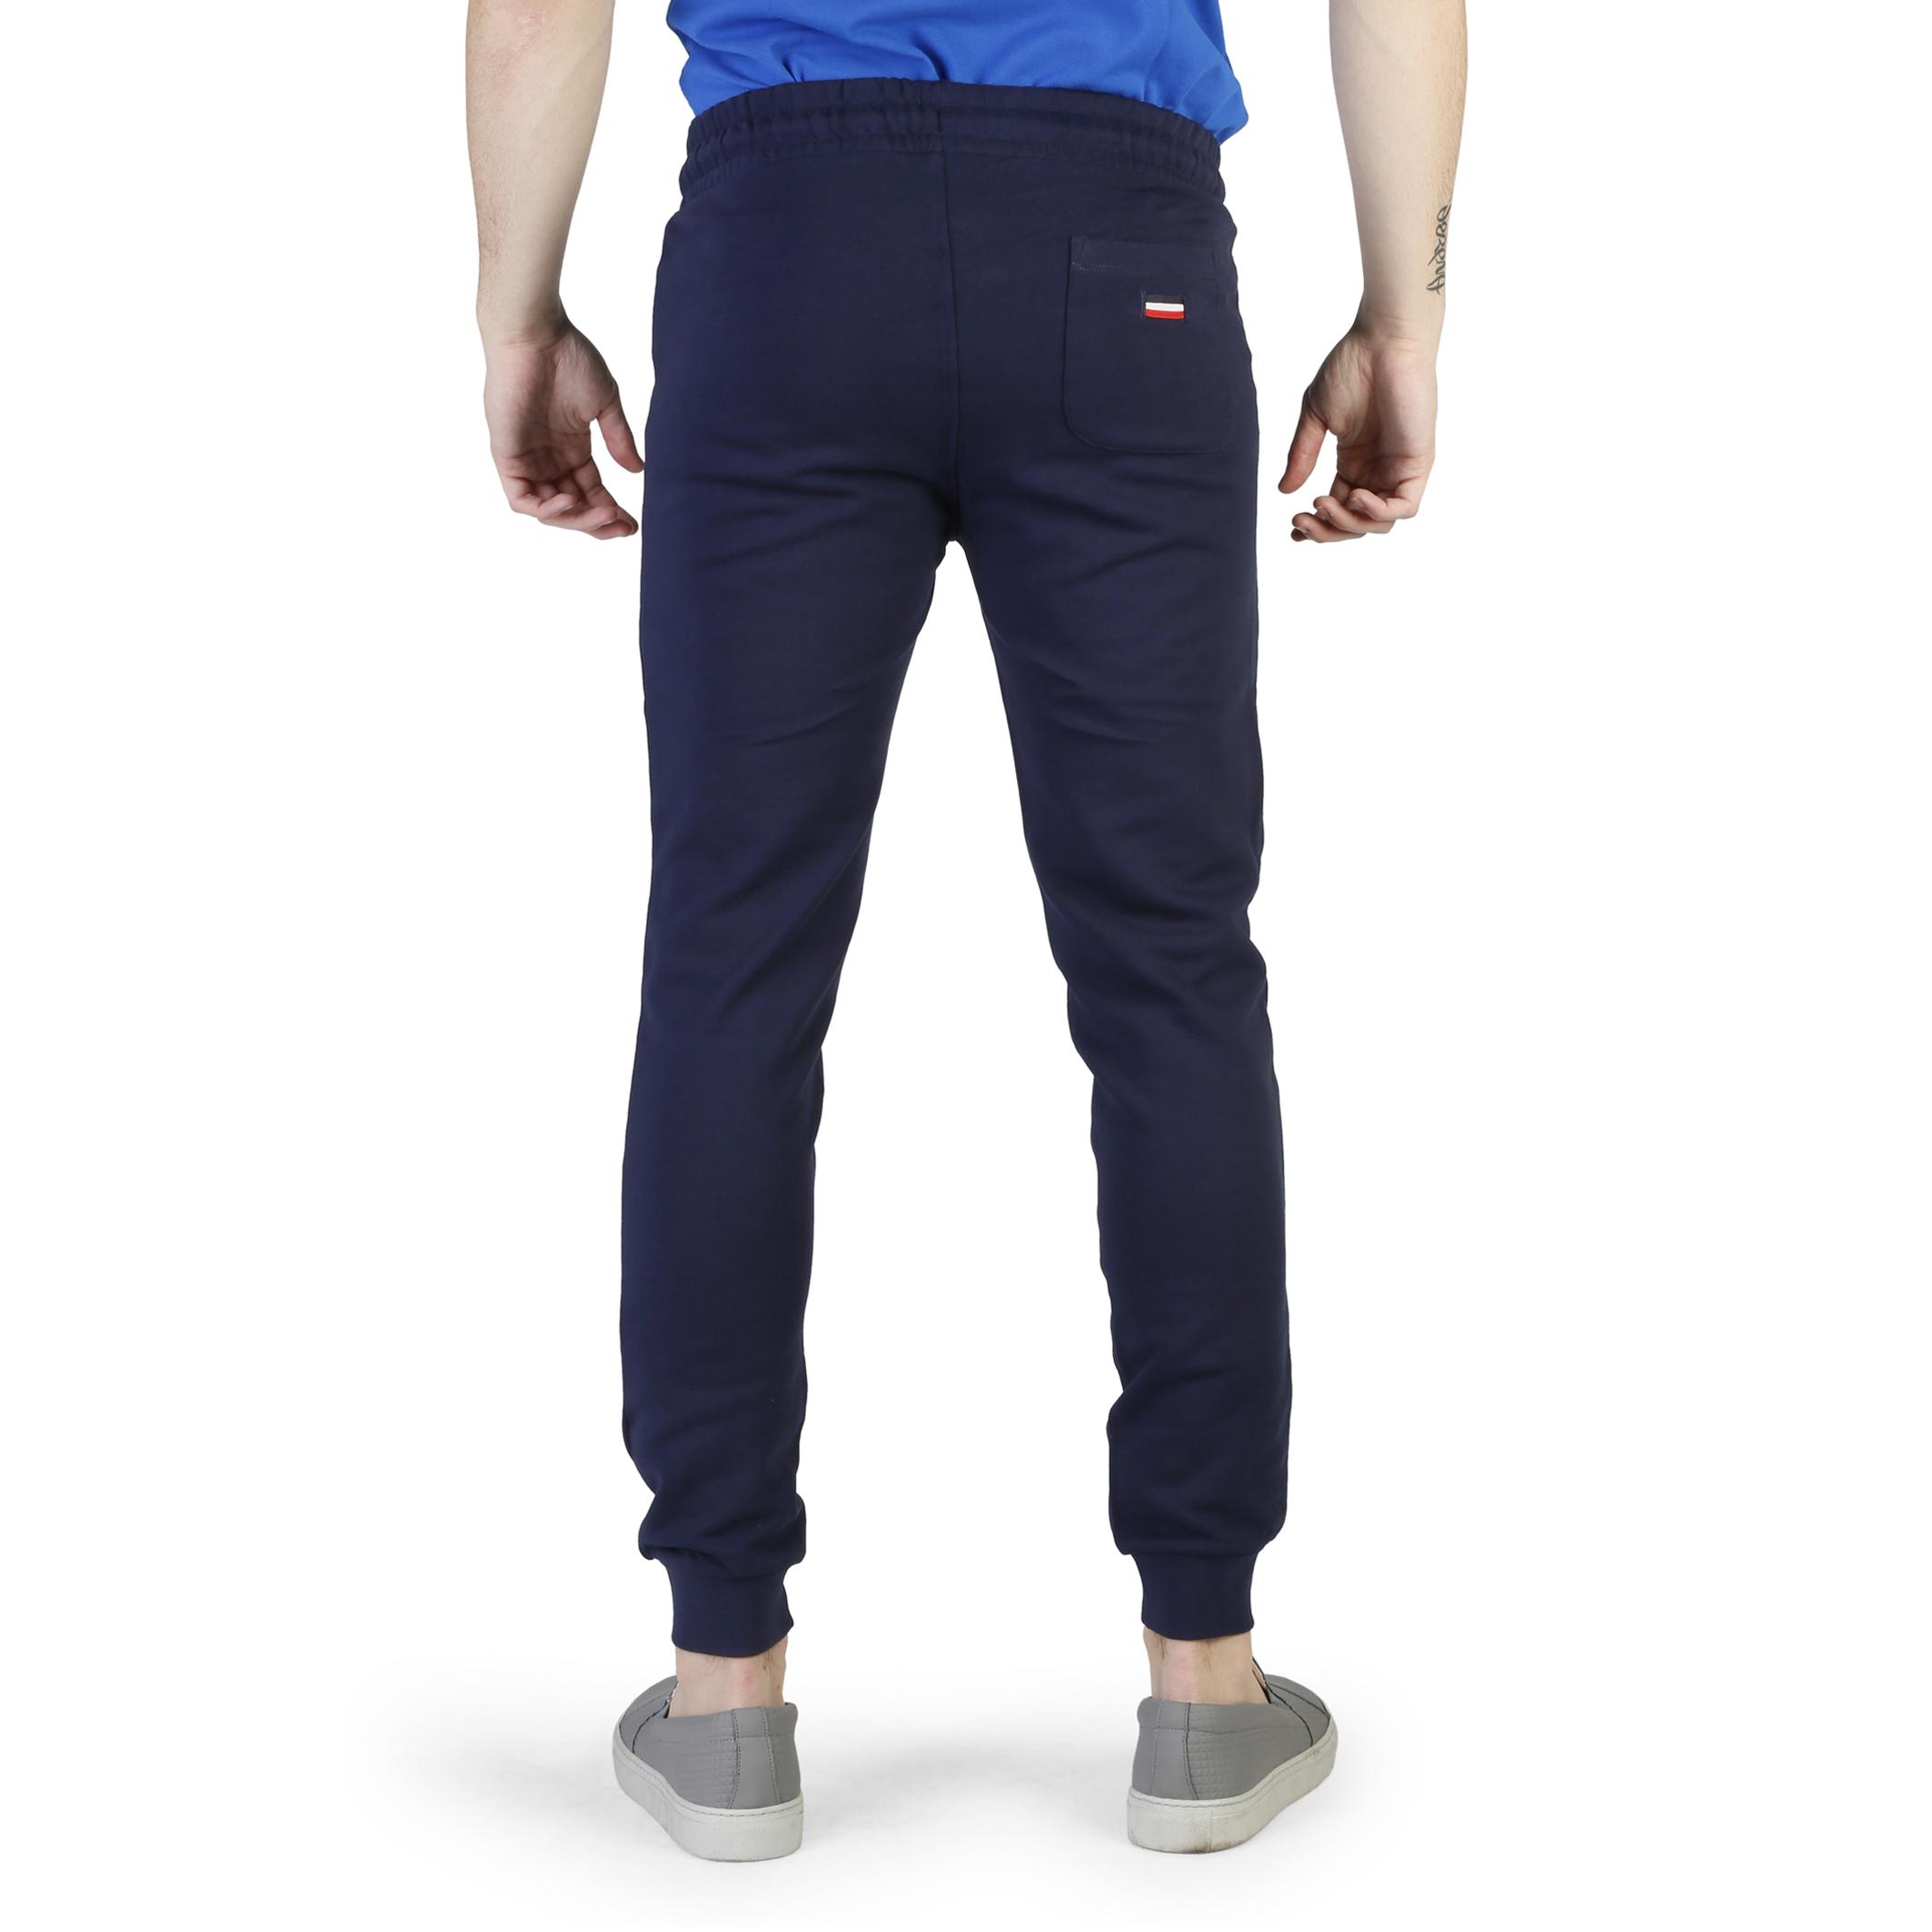 Pantalon-de-jogging-U-S-Polo-Homme-50066-49349-Gris-Bleu-Printemps-Ete